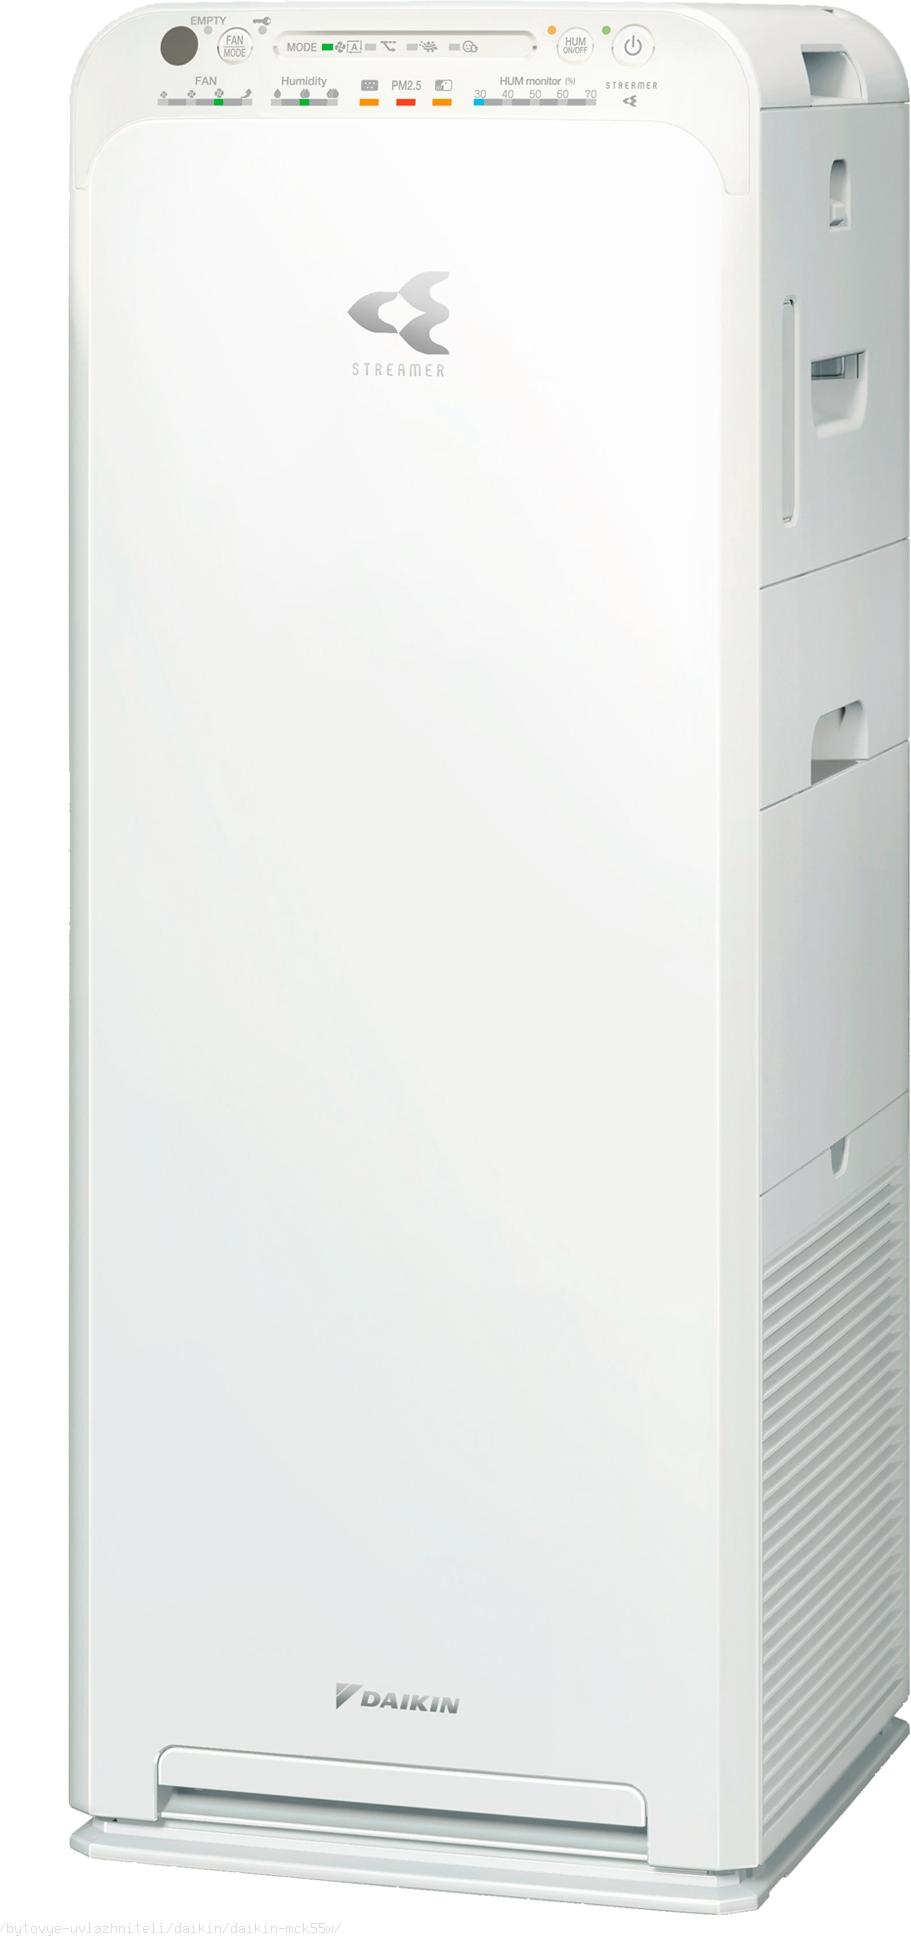 Daikin MCK55W очиститель-увлажнитель воздуха